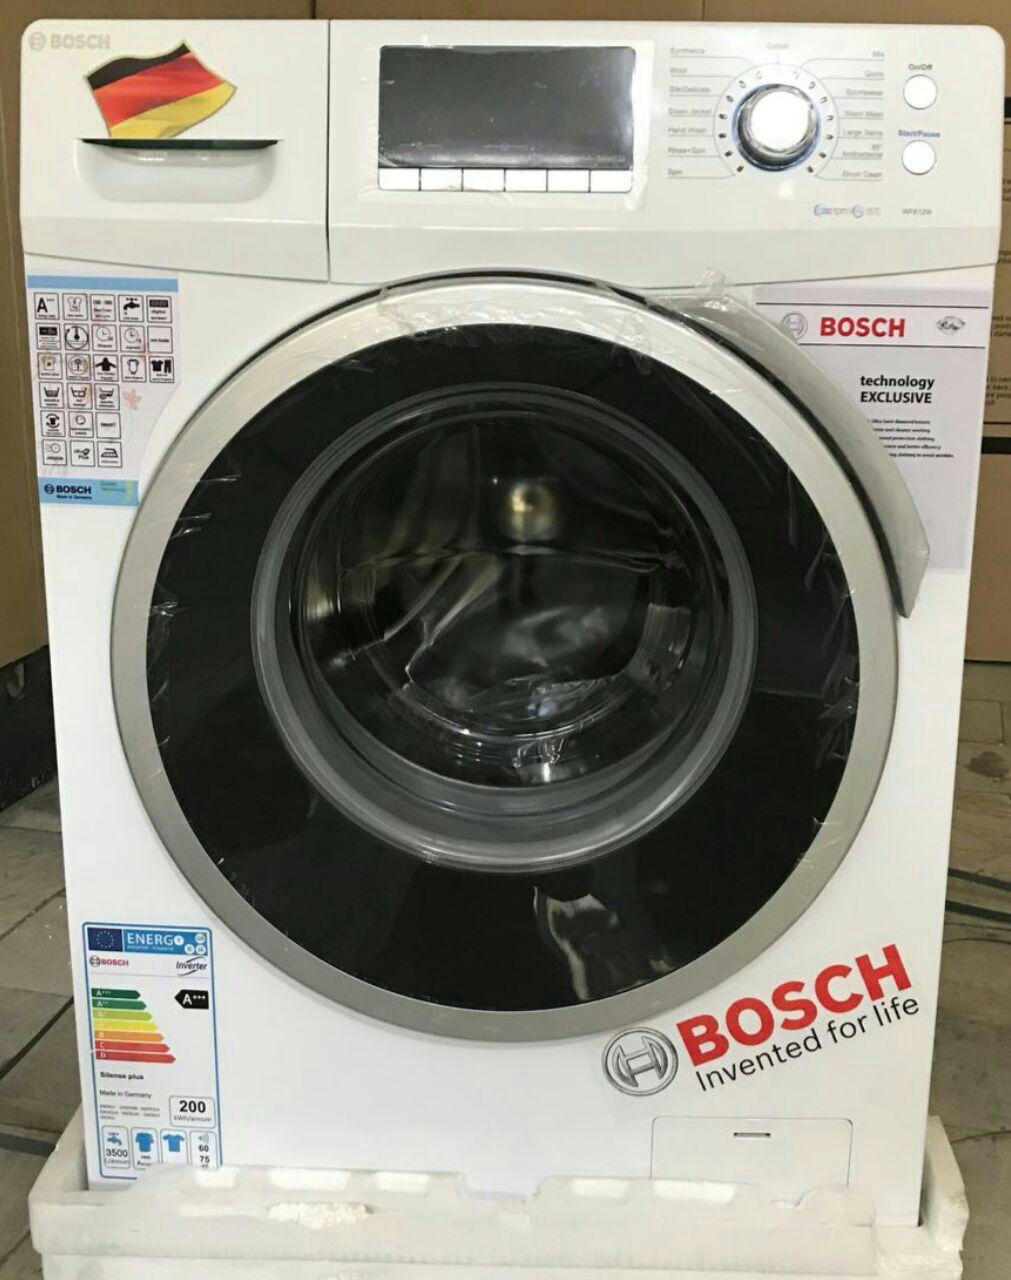 ماشین لباسشویی بوش درب بزرگ نمایشگر تنظیم دیجیتال 14 برنامه شستشو موتور دیجیتال